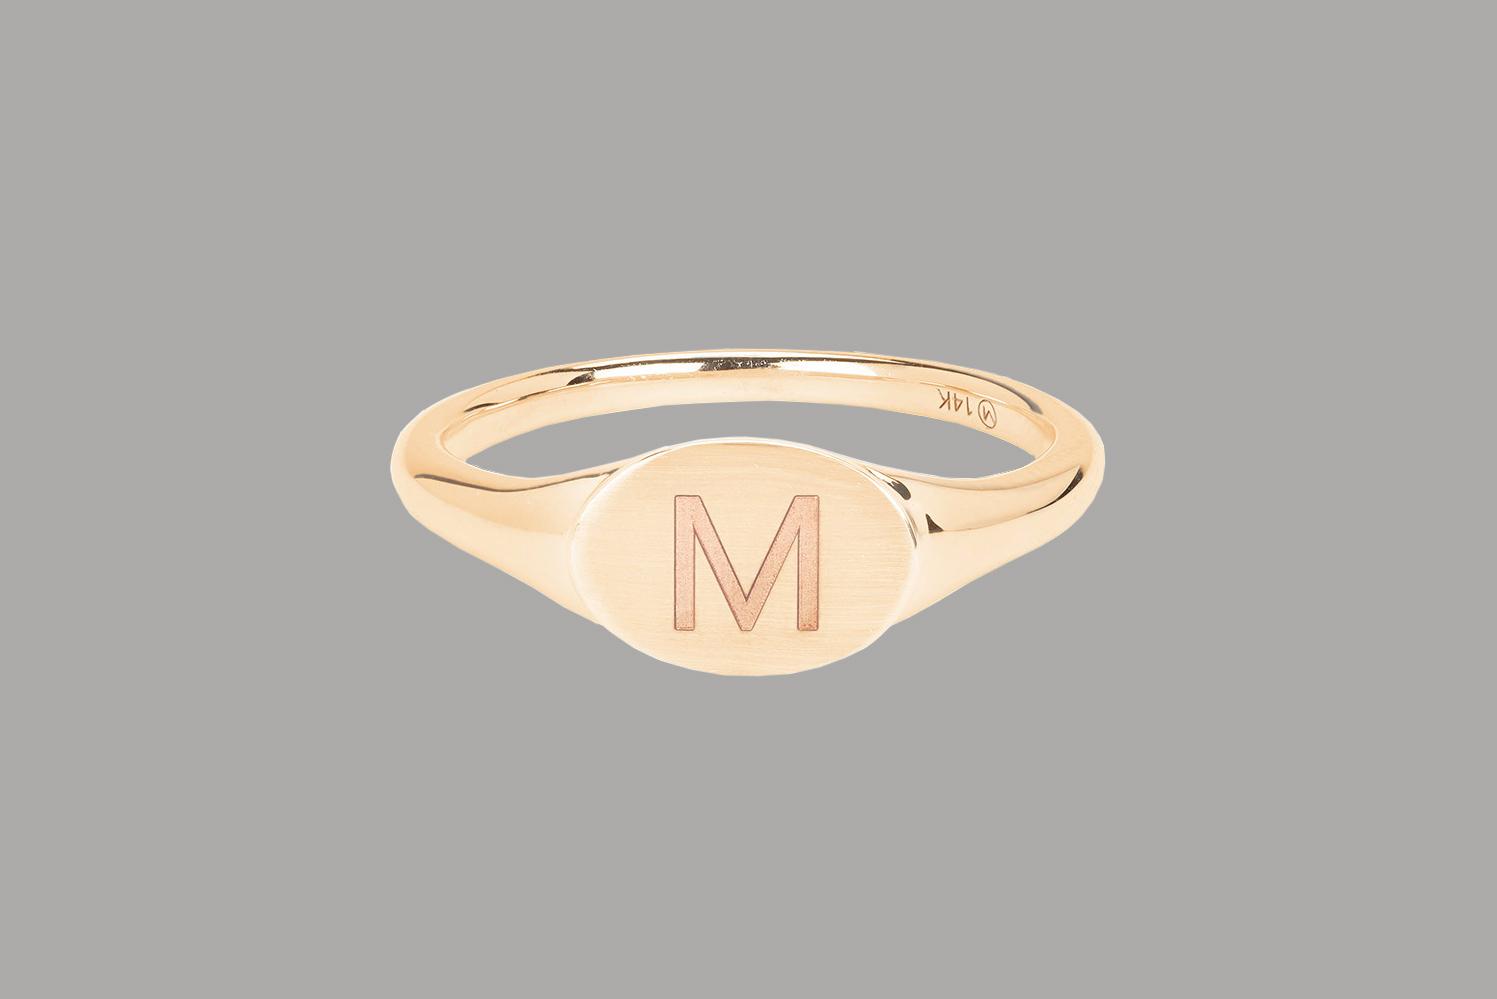 bridesmaid gift mejuri gold signet ring M